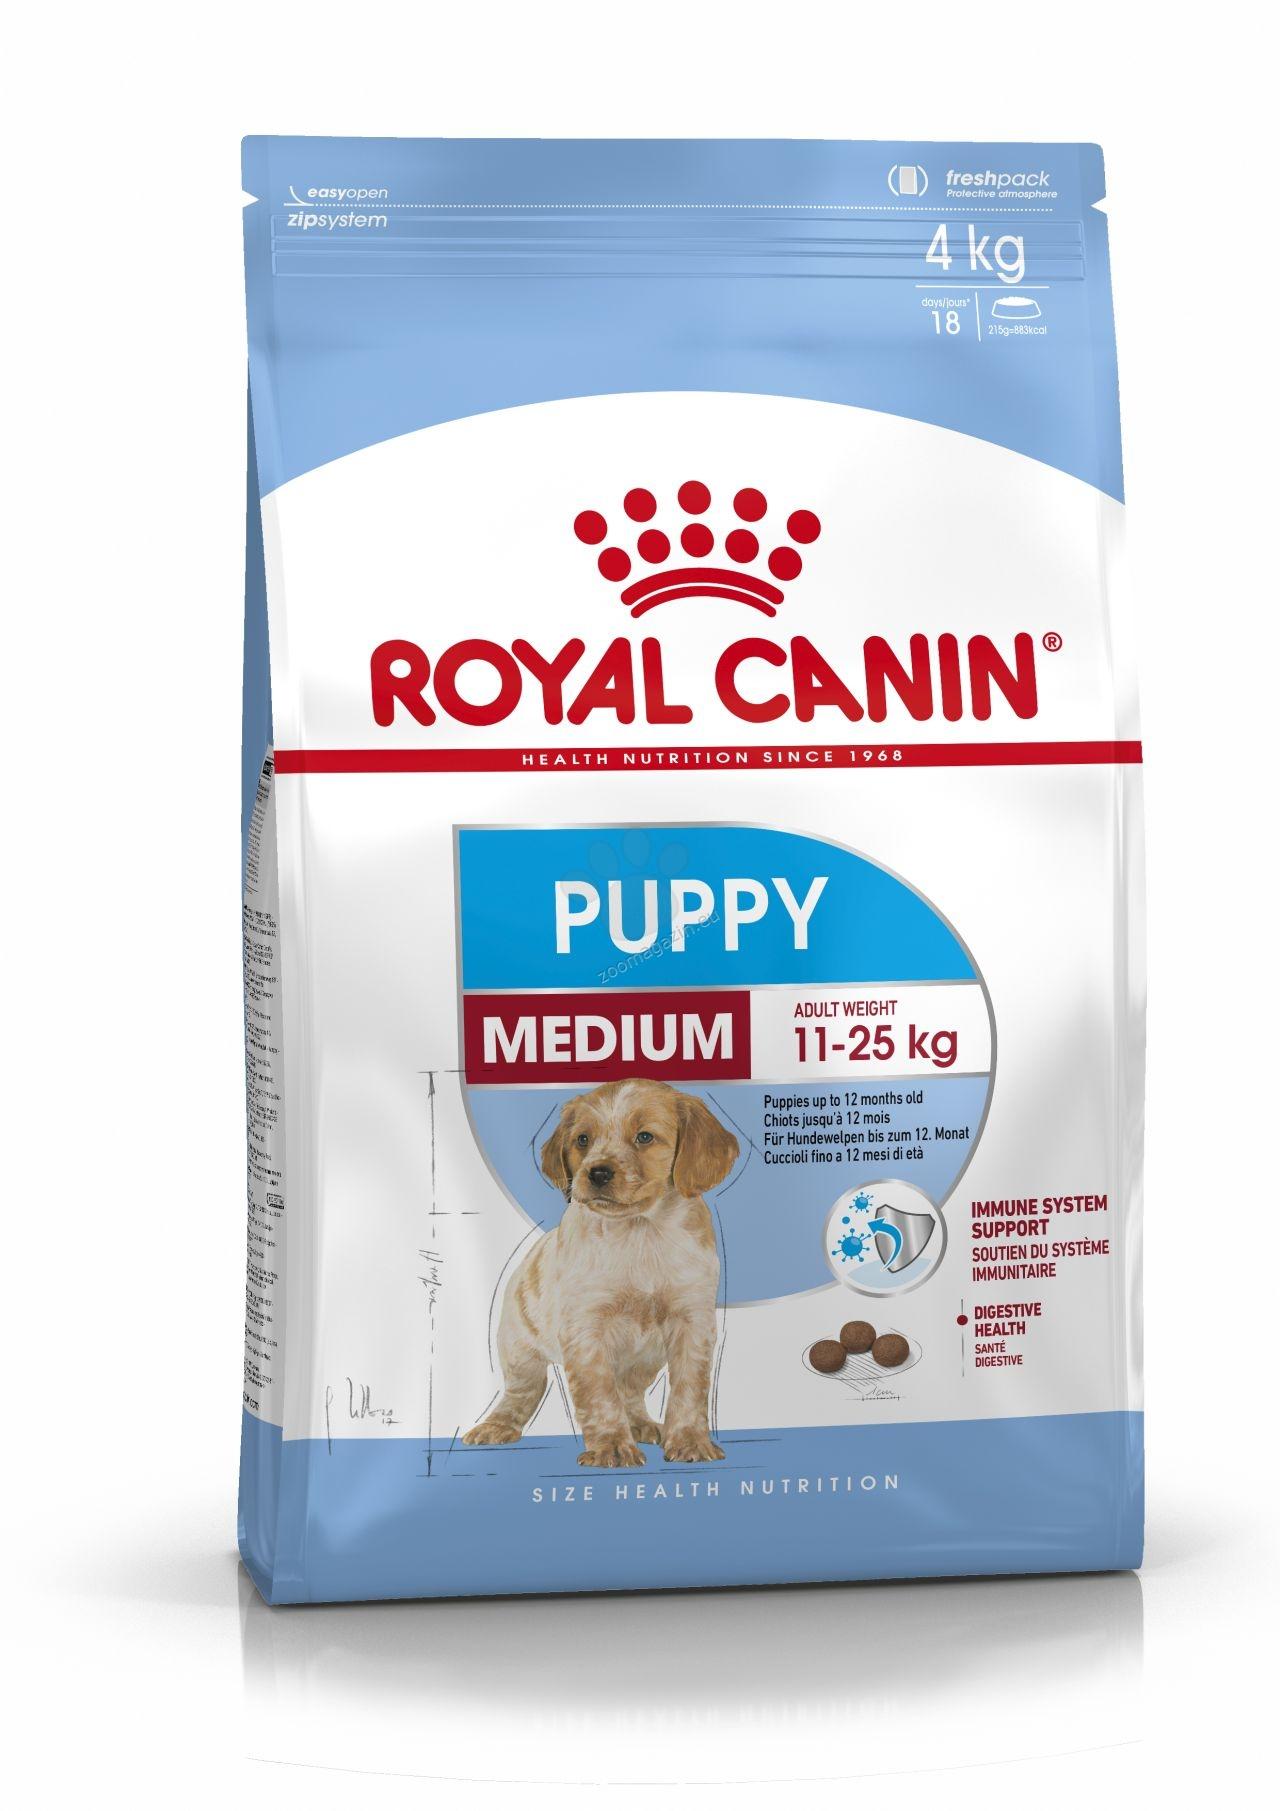 Royal Canin Medium Puppy - пълноценна храна за кученца от средните породи с тегло в зряла възраст от 11 до 25 кг., до 12 месечна възраст 4 кг